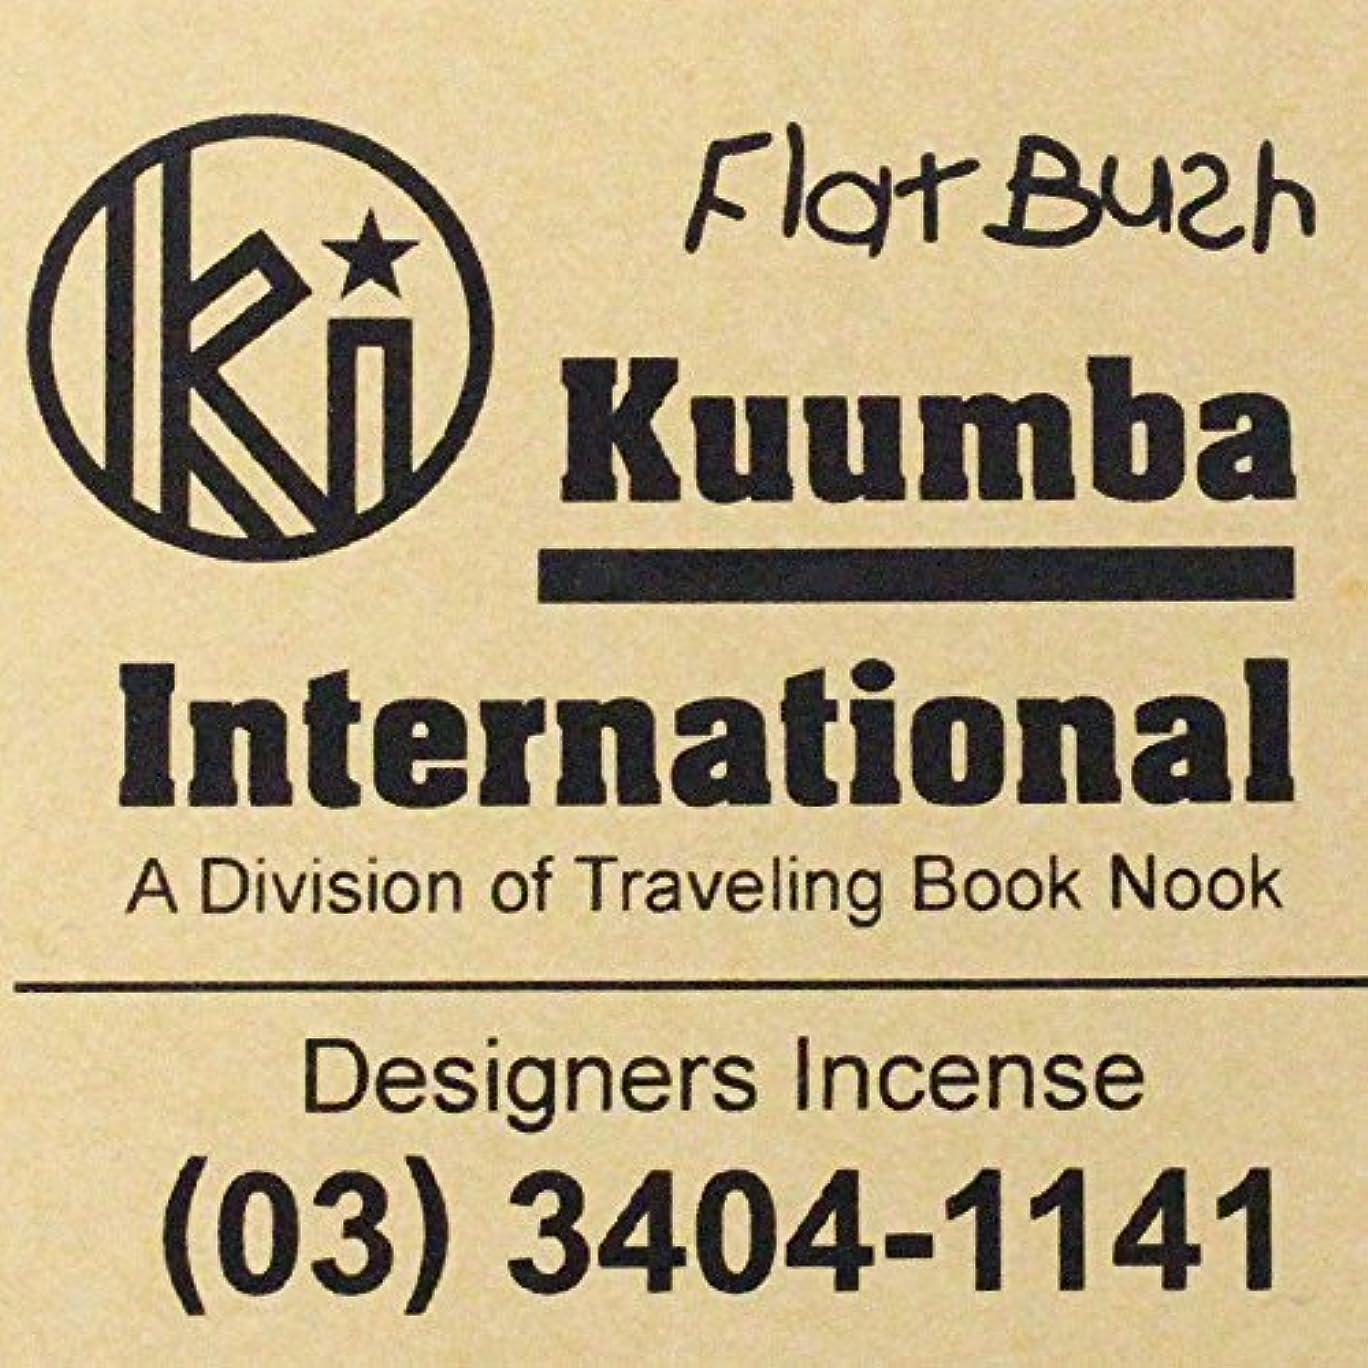 控えるギャップ隠された(クンバ) KUUMBA『incense』(Flat Bush) (Regular size)